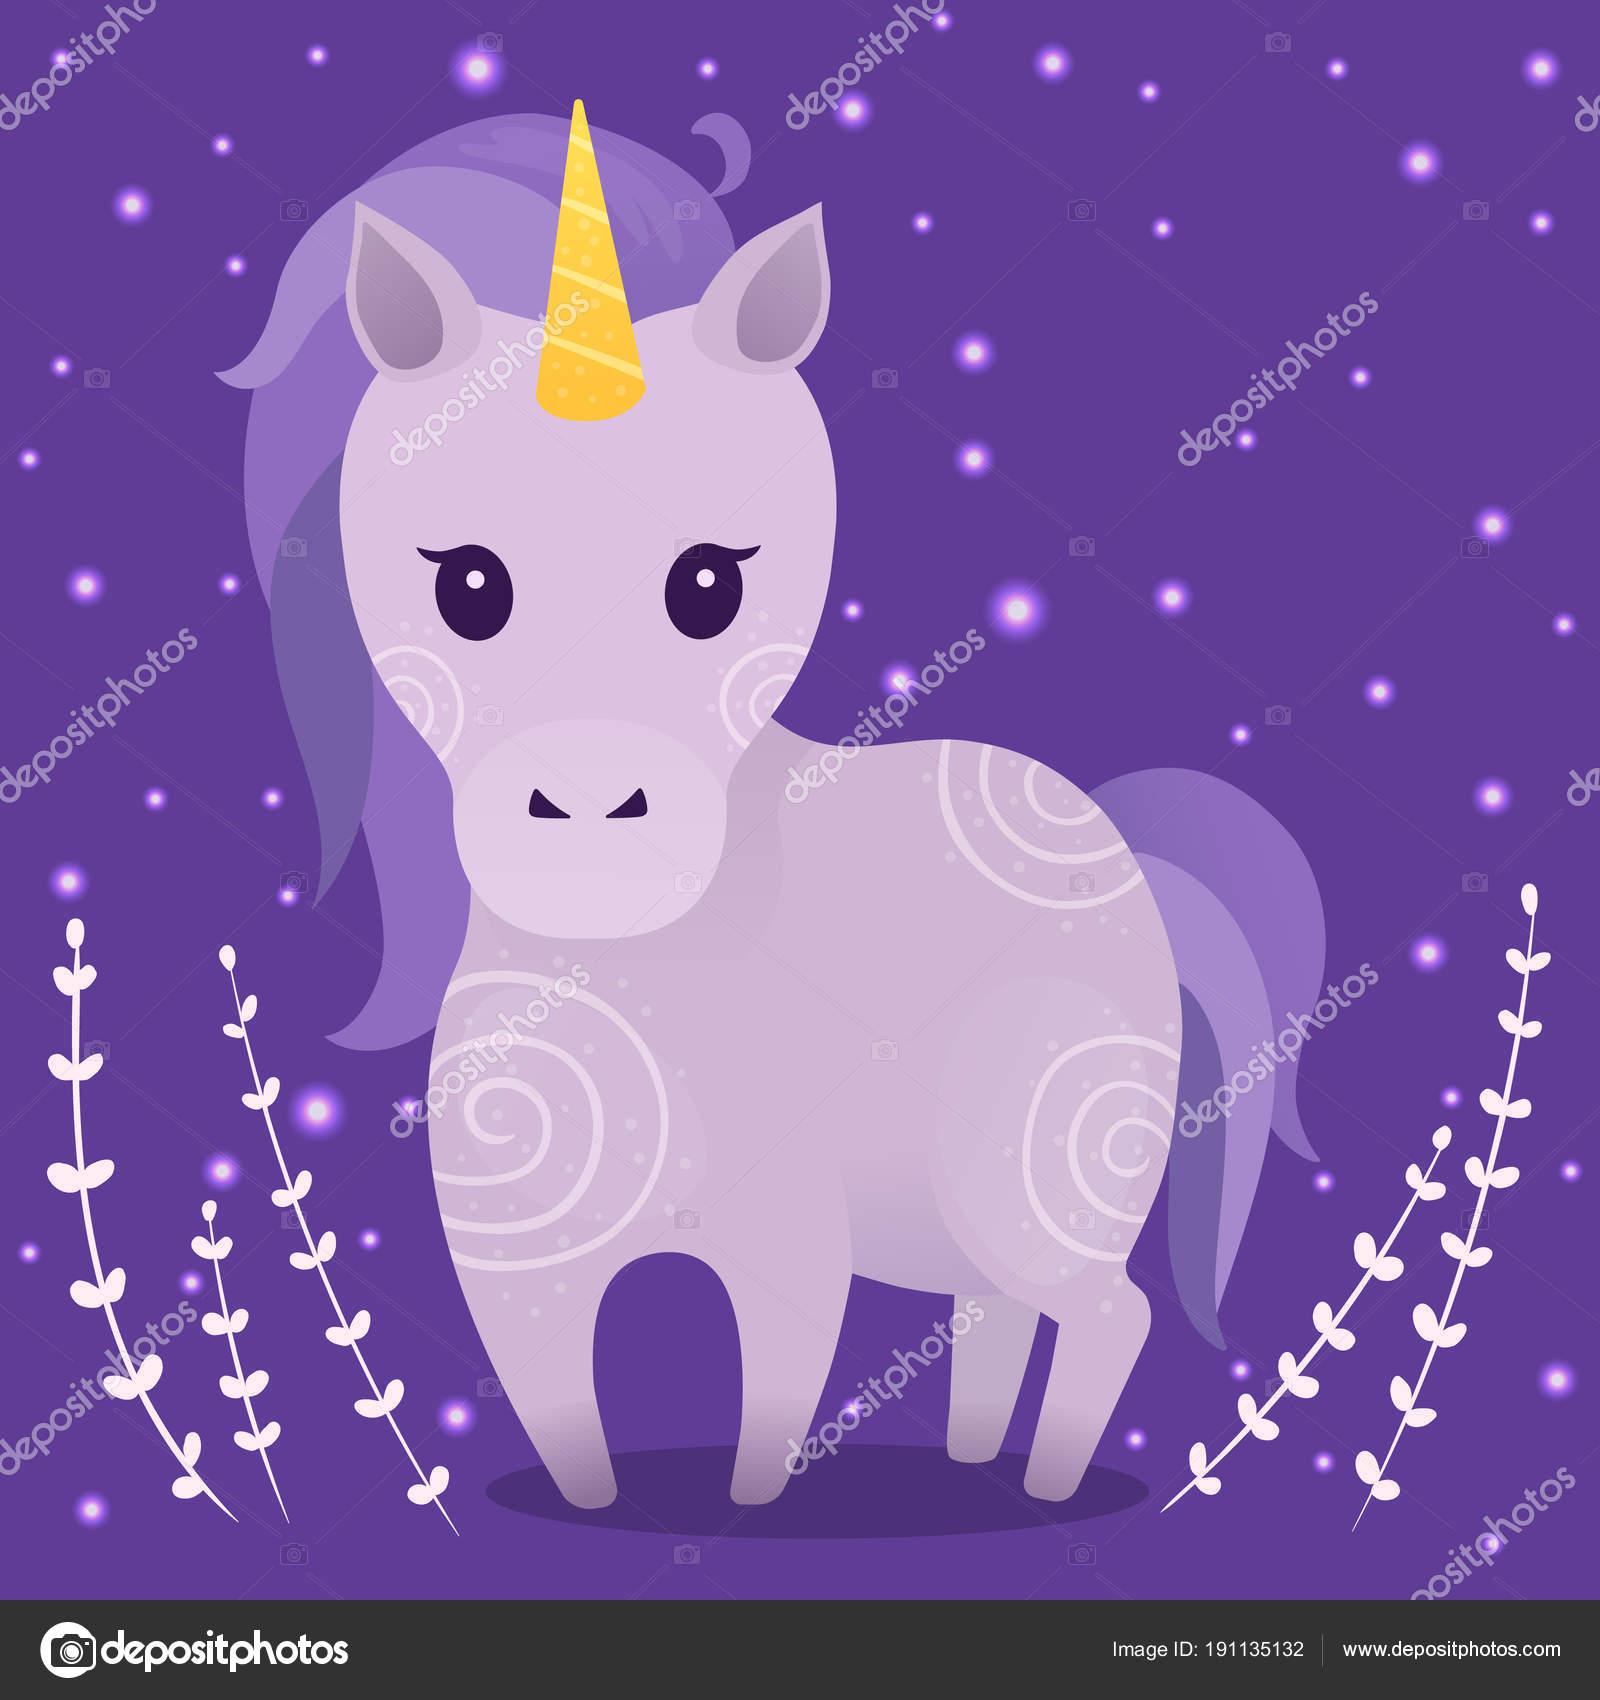 Immagini Vettoriali Con Unicorno Carino Viola Piante Stelle Sfondo